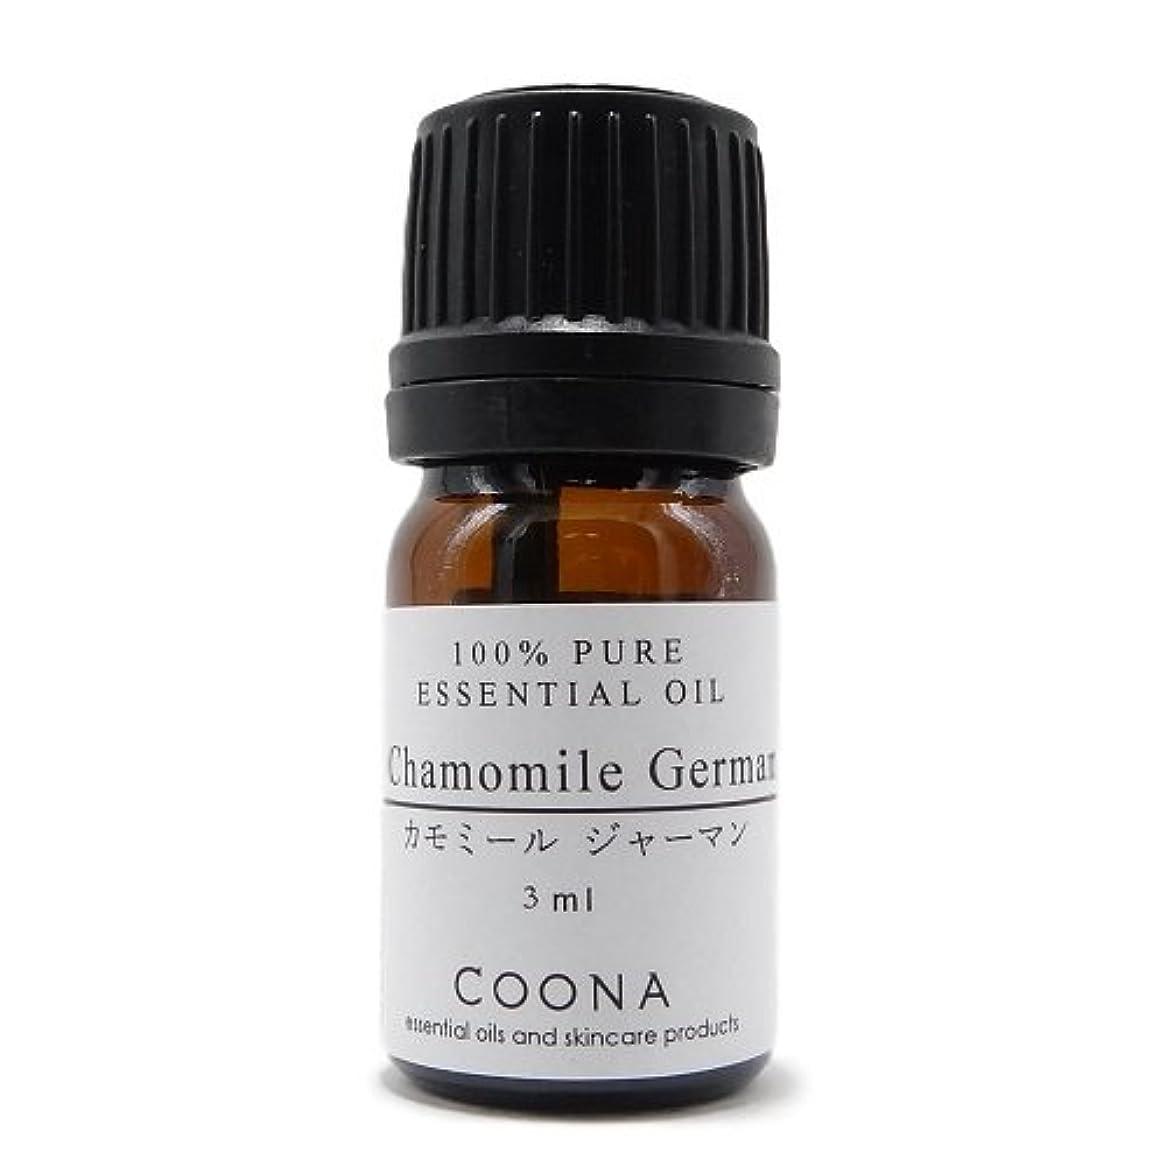 密接にきちんとした専門知識カモミール ジャーマン 3 ml (COONA エッセンシャルオイル アロマオイル 100% 天然植物精油)